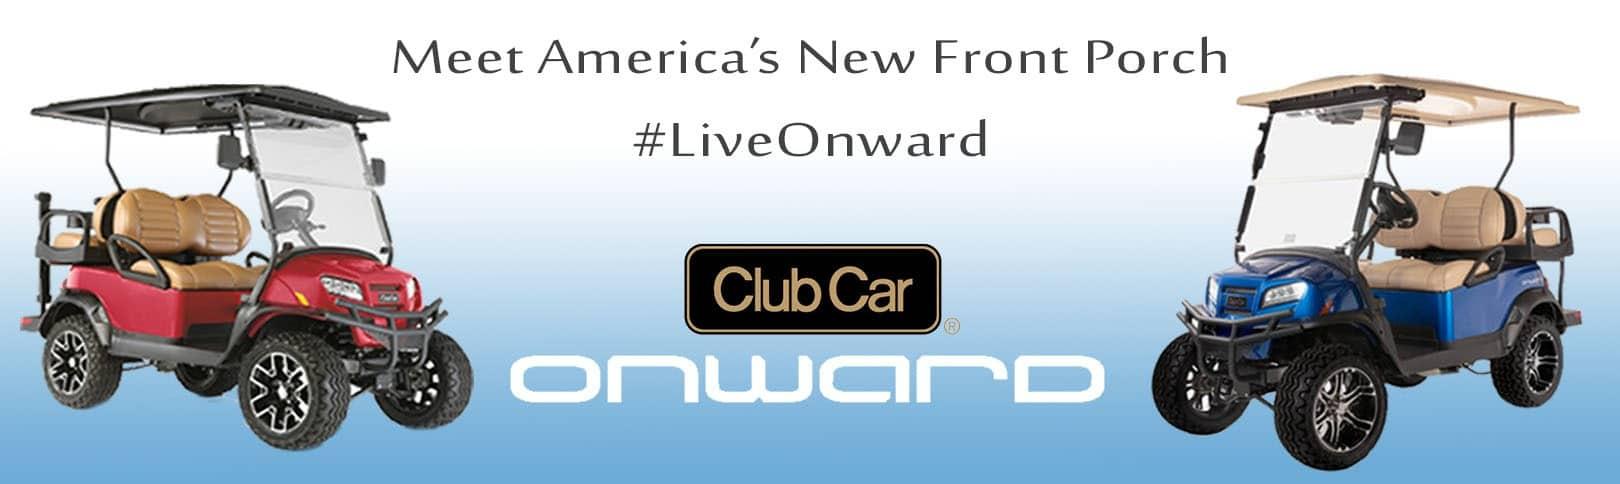 Club Car Onward Banner